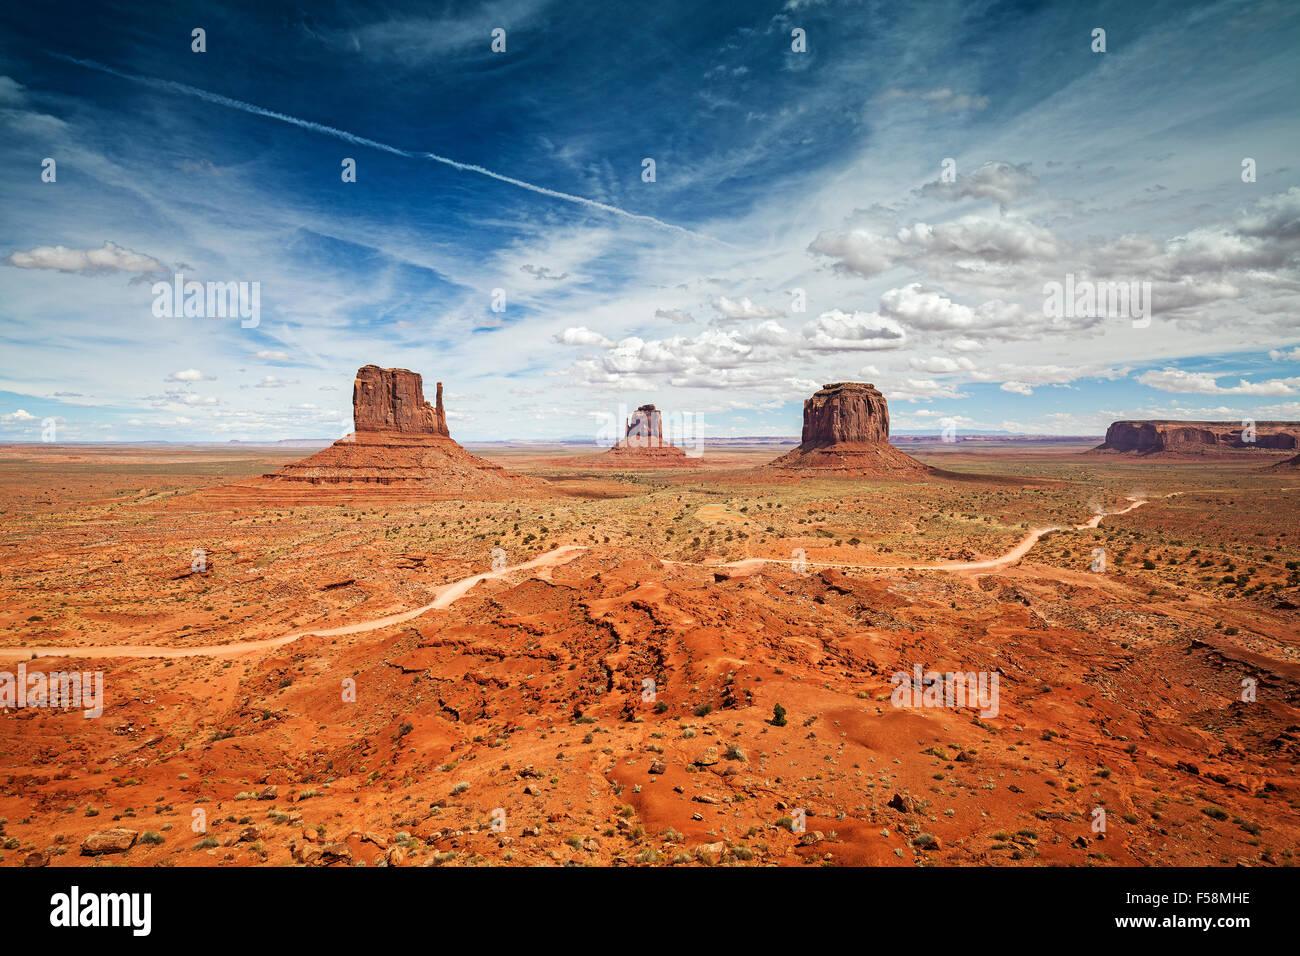 Ampio angolo di foto della Monument Valley Navajo Tribal Park, Utah, Stati Uniti d'America. Immagini Stock